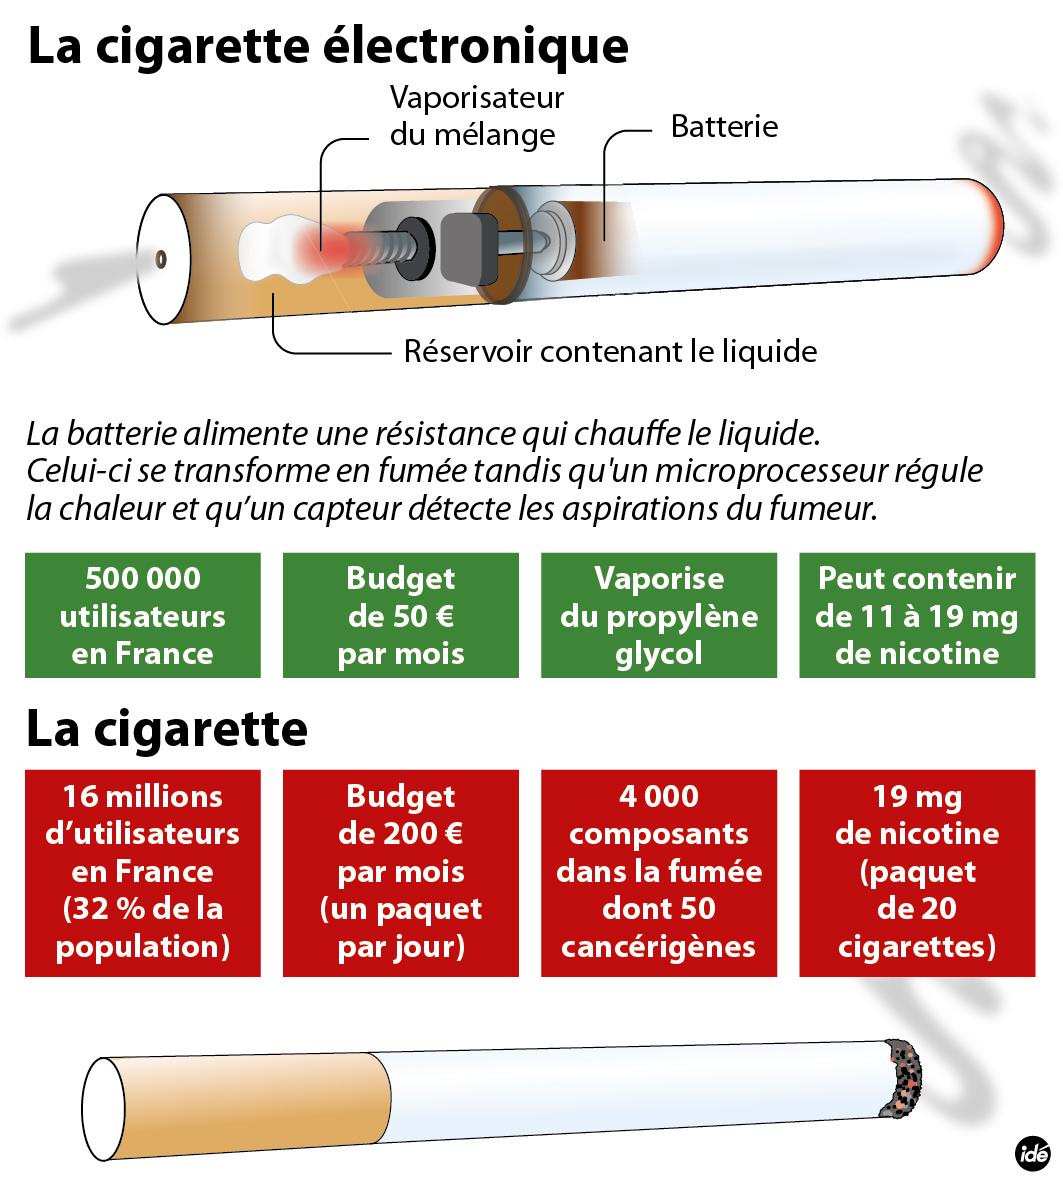 e cigarette plus dangereuse que le tabac une tude aberrante cigarette electronique. Black Bedroom Furniture Sets. Home Design Ideas